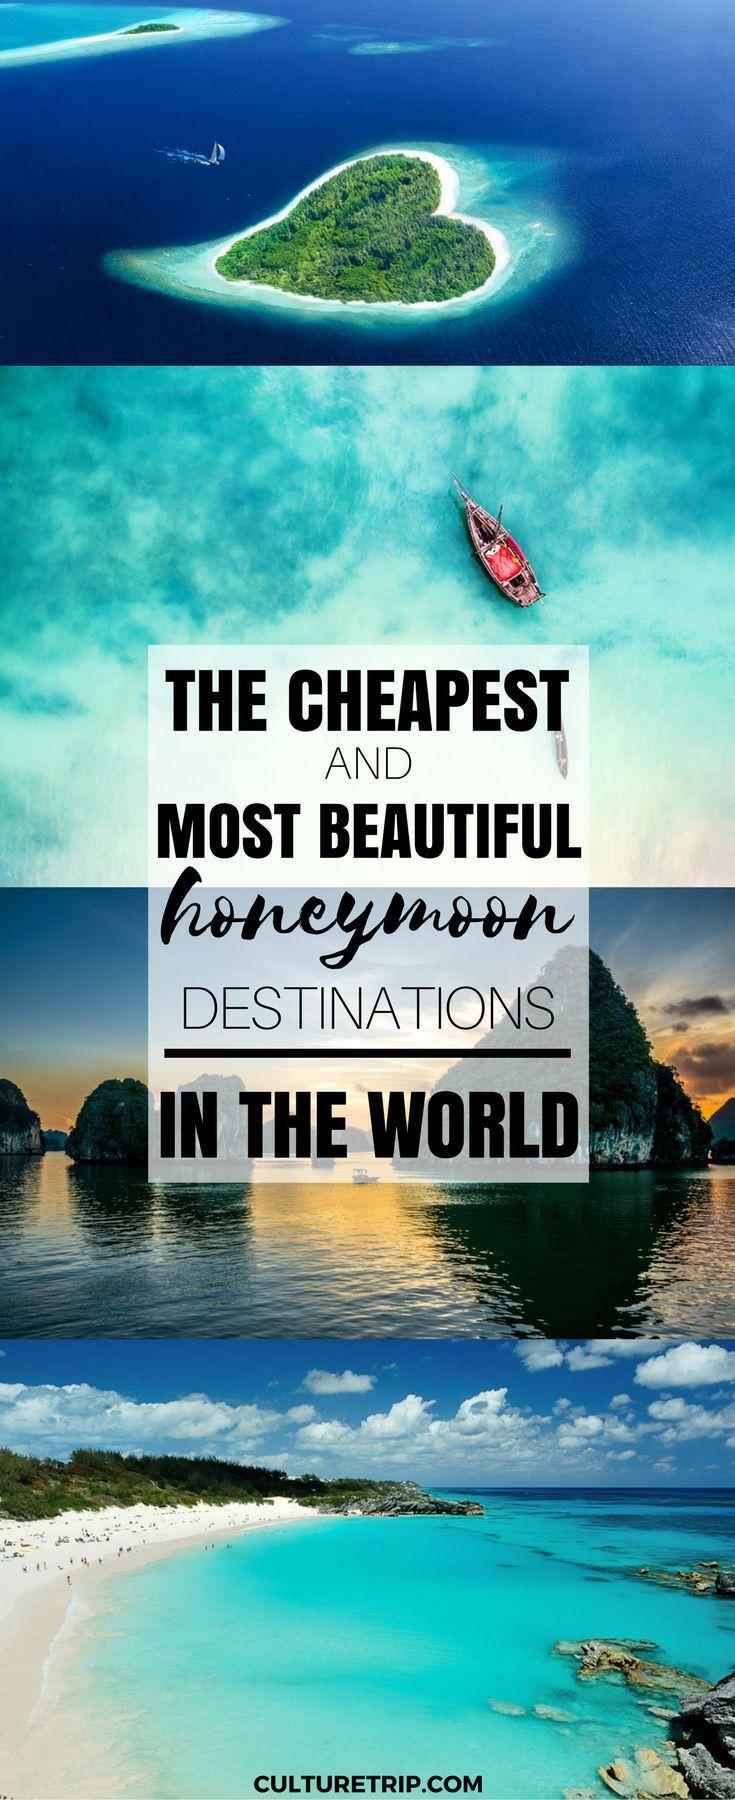 Dies sind die billigsten und schönsten Flitterwochenziele der Welt #Honeymoon